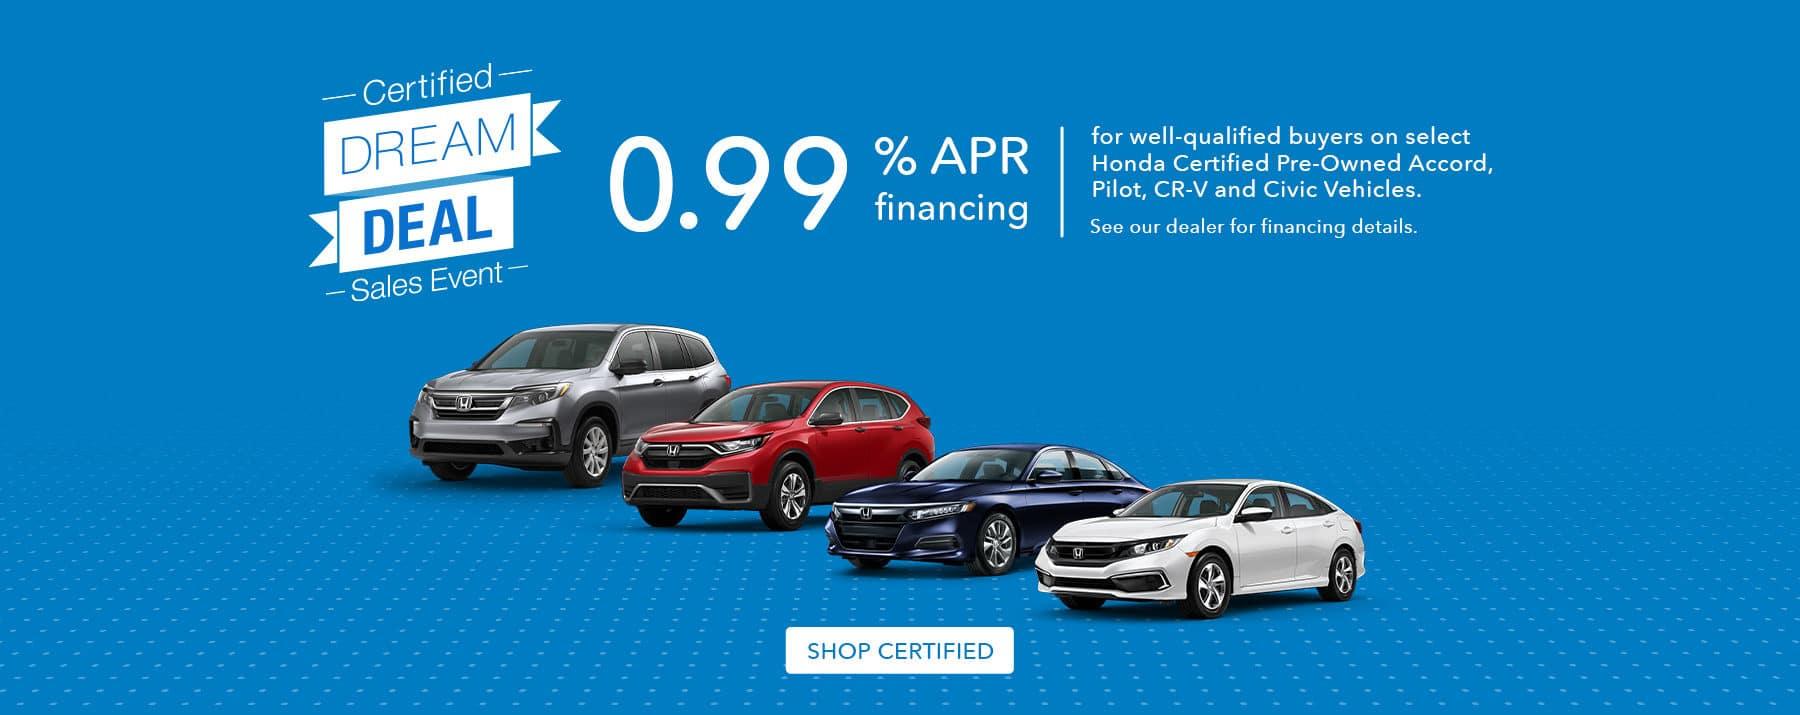 Honda_CertifiedDreamDeal_1800x715